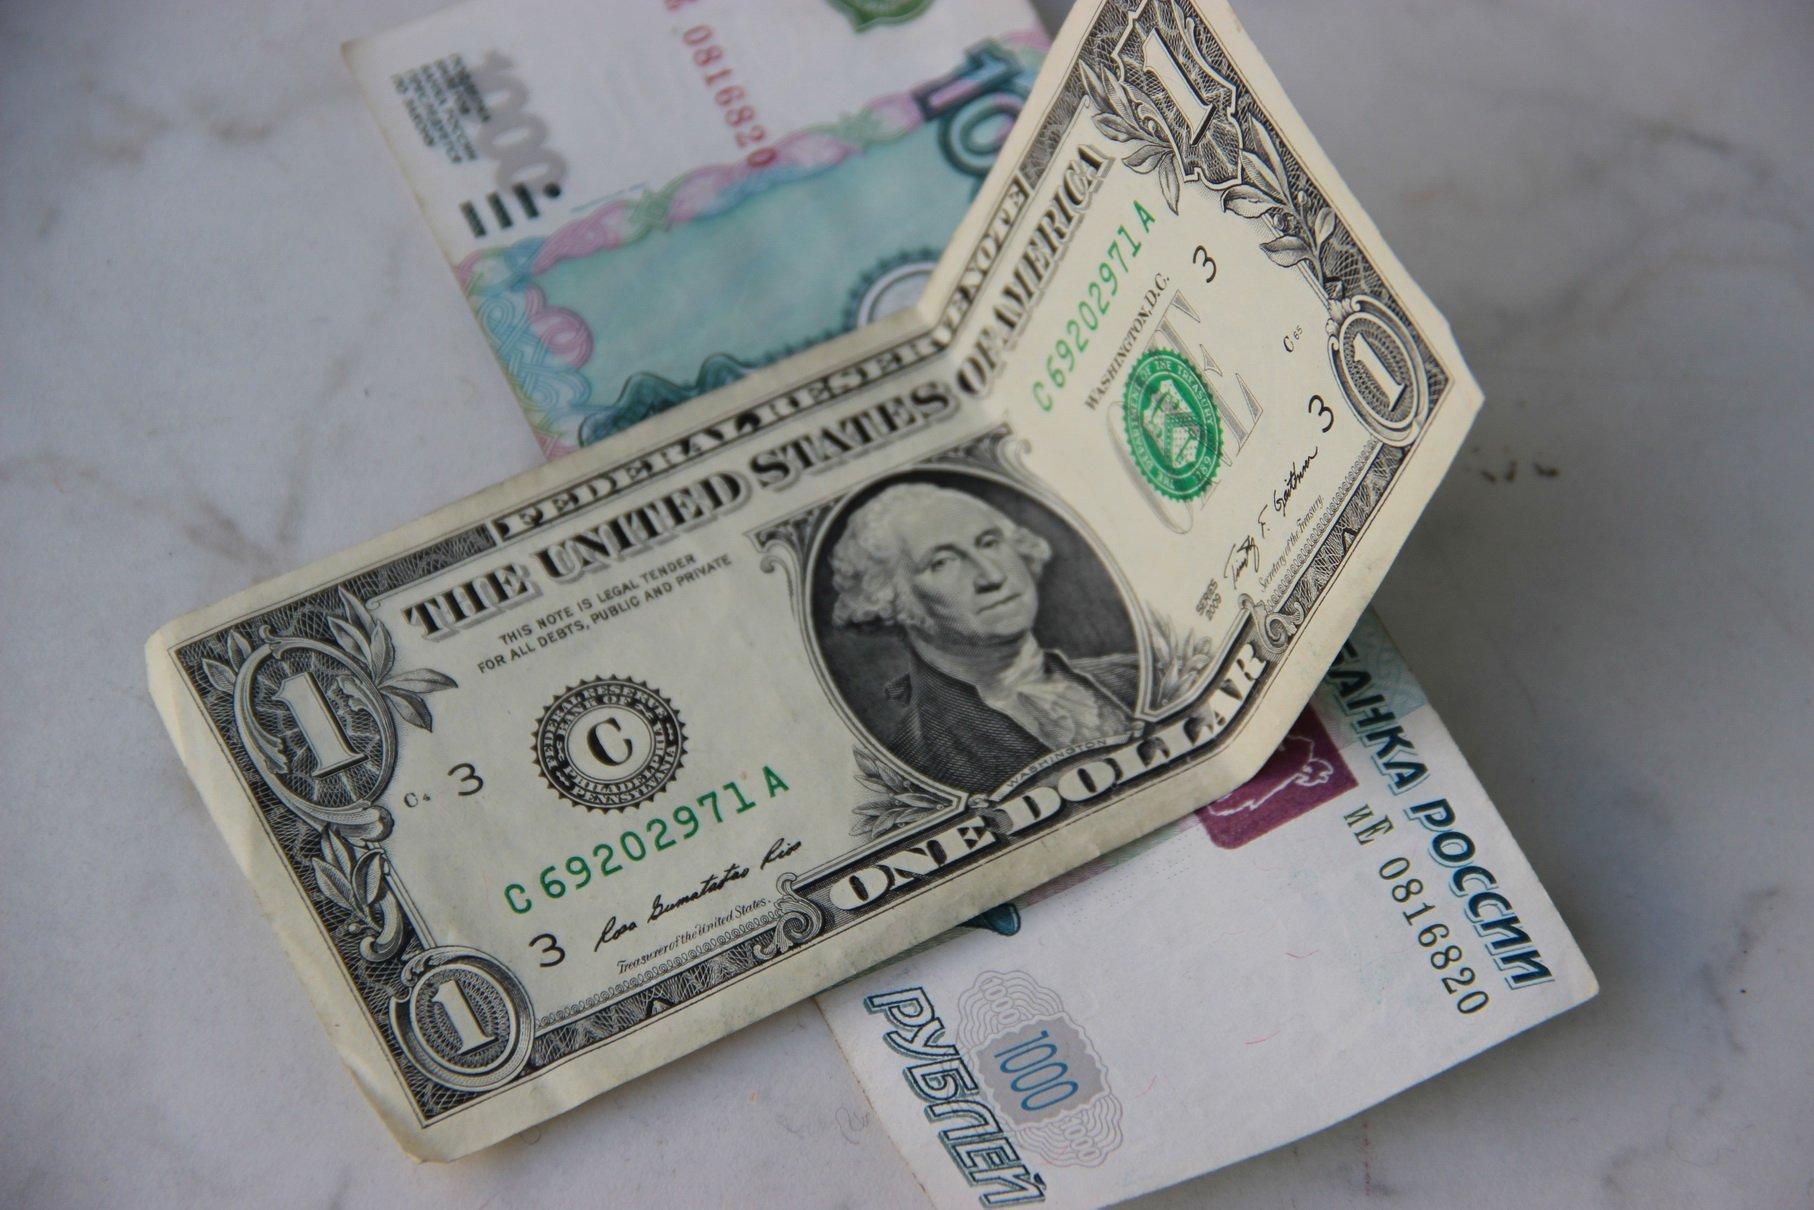 Руководитель Минэкономразвития Орешкин дал прогноз нарост ВВП РФ вэтом году